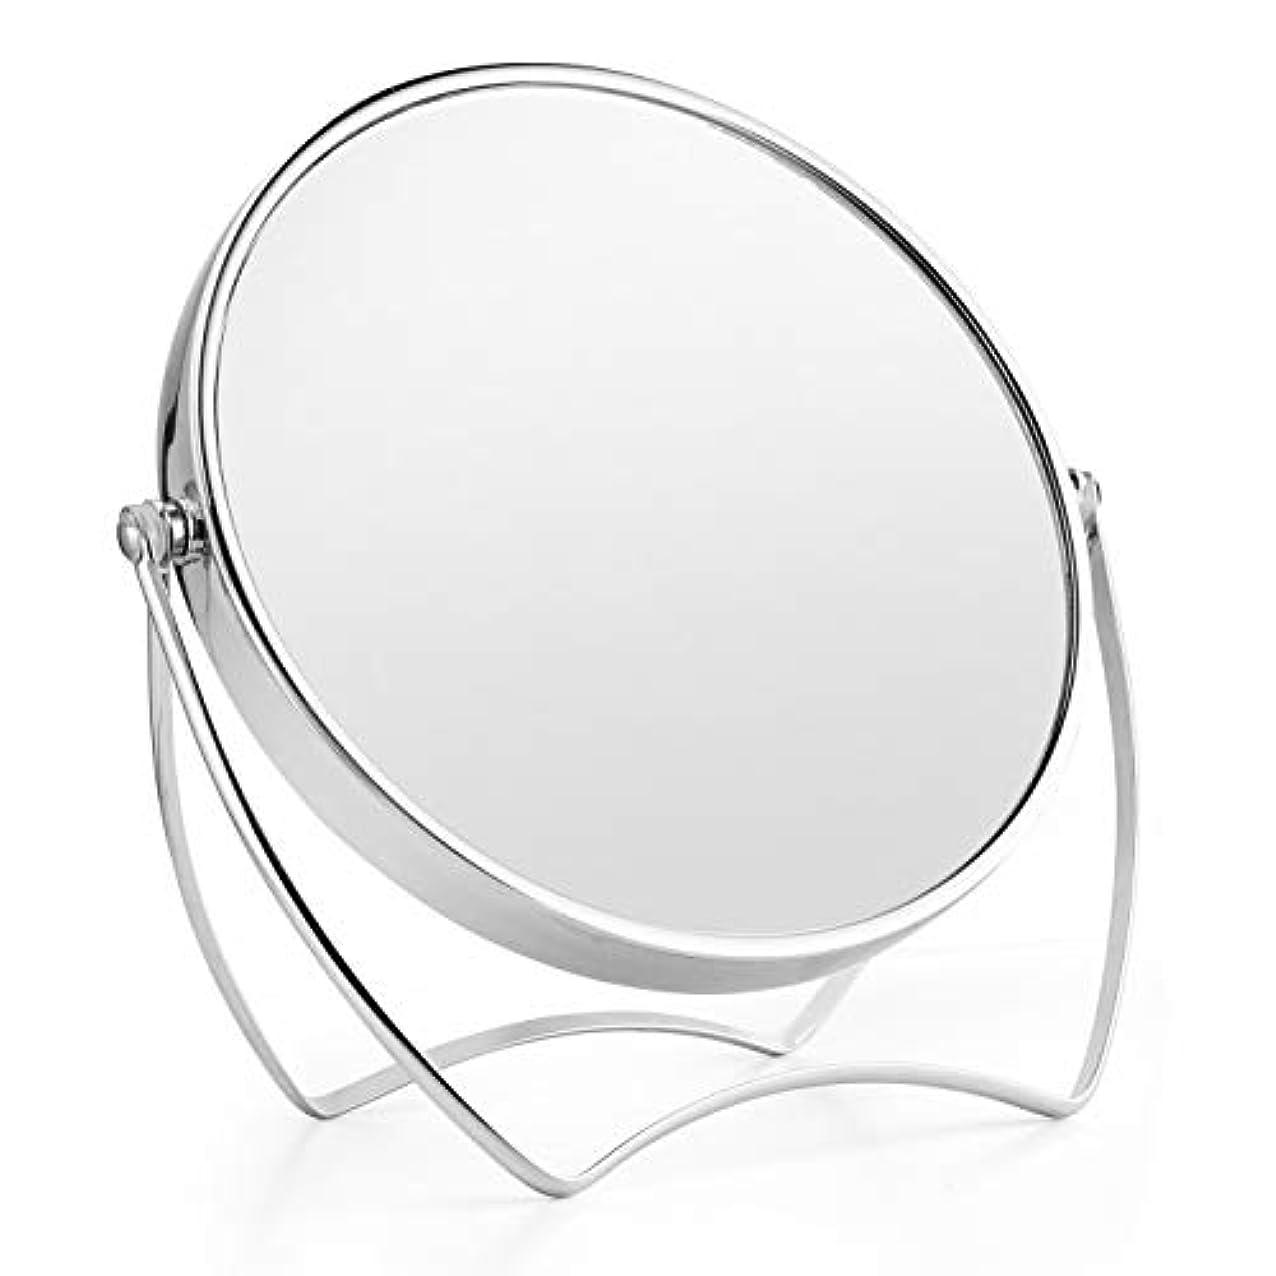 追放する開梱ラップトップ卓上ミラー 化粧鏡 1倍/5倍拡大鏡 メイクミラー 両面化粧鏡 ラウンドミラー 女優ミラー スタンドミラー 卓上鏡 360°回転ブラケット メタルフレームバニティミラー 寝室や浴室に適しています(15cm)